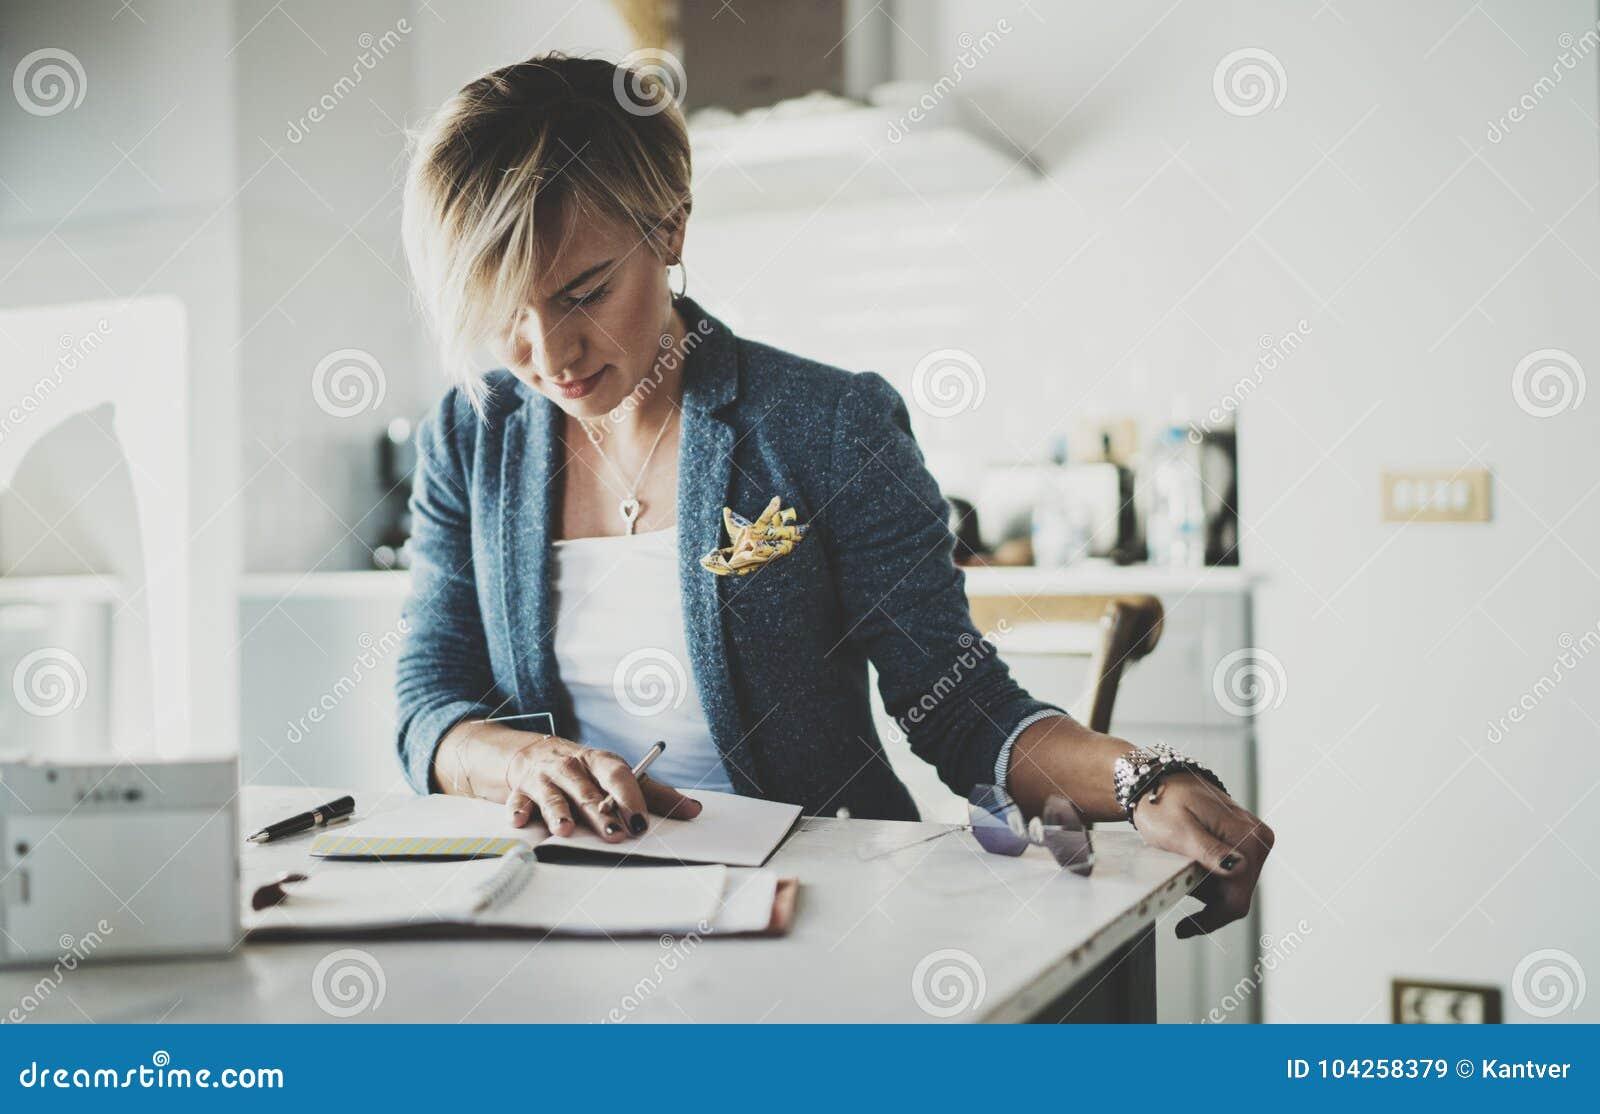 Mooie jonge onderneemster die iets in notastootkussen schrijven terwijl het zitten op leunstoel bij woonkamer Charmant wijfje